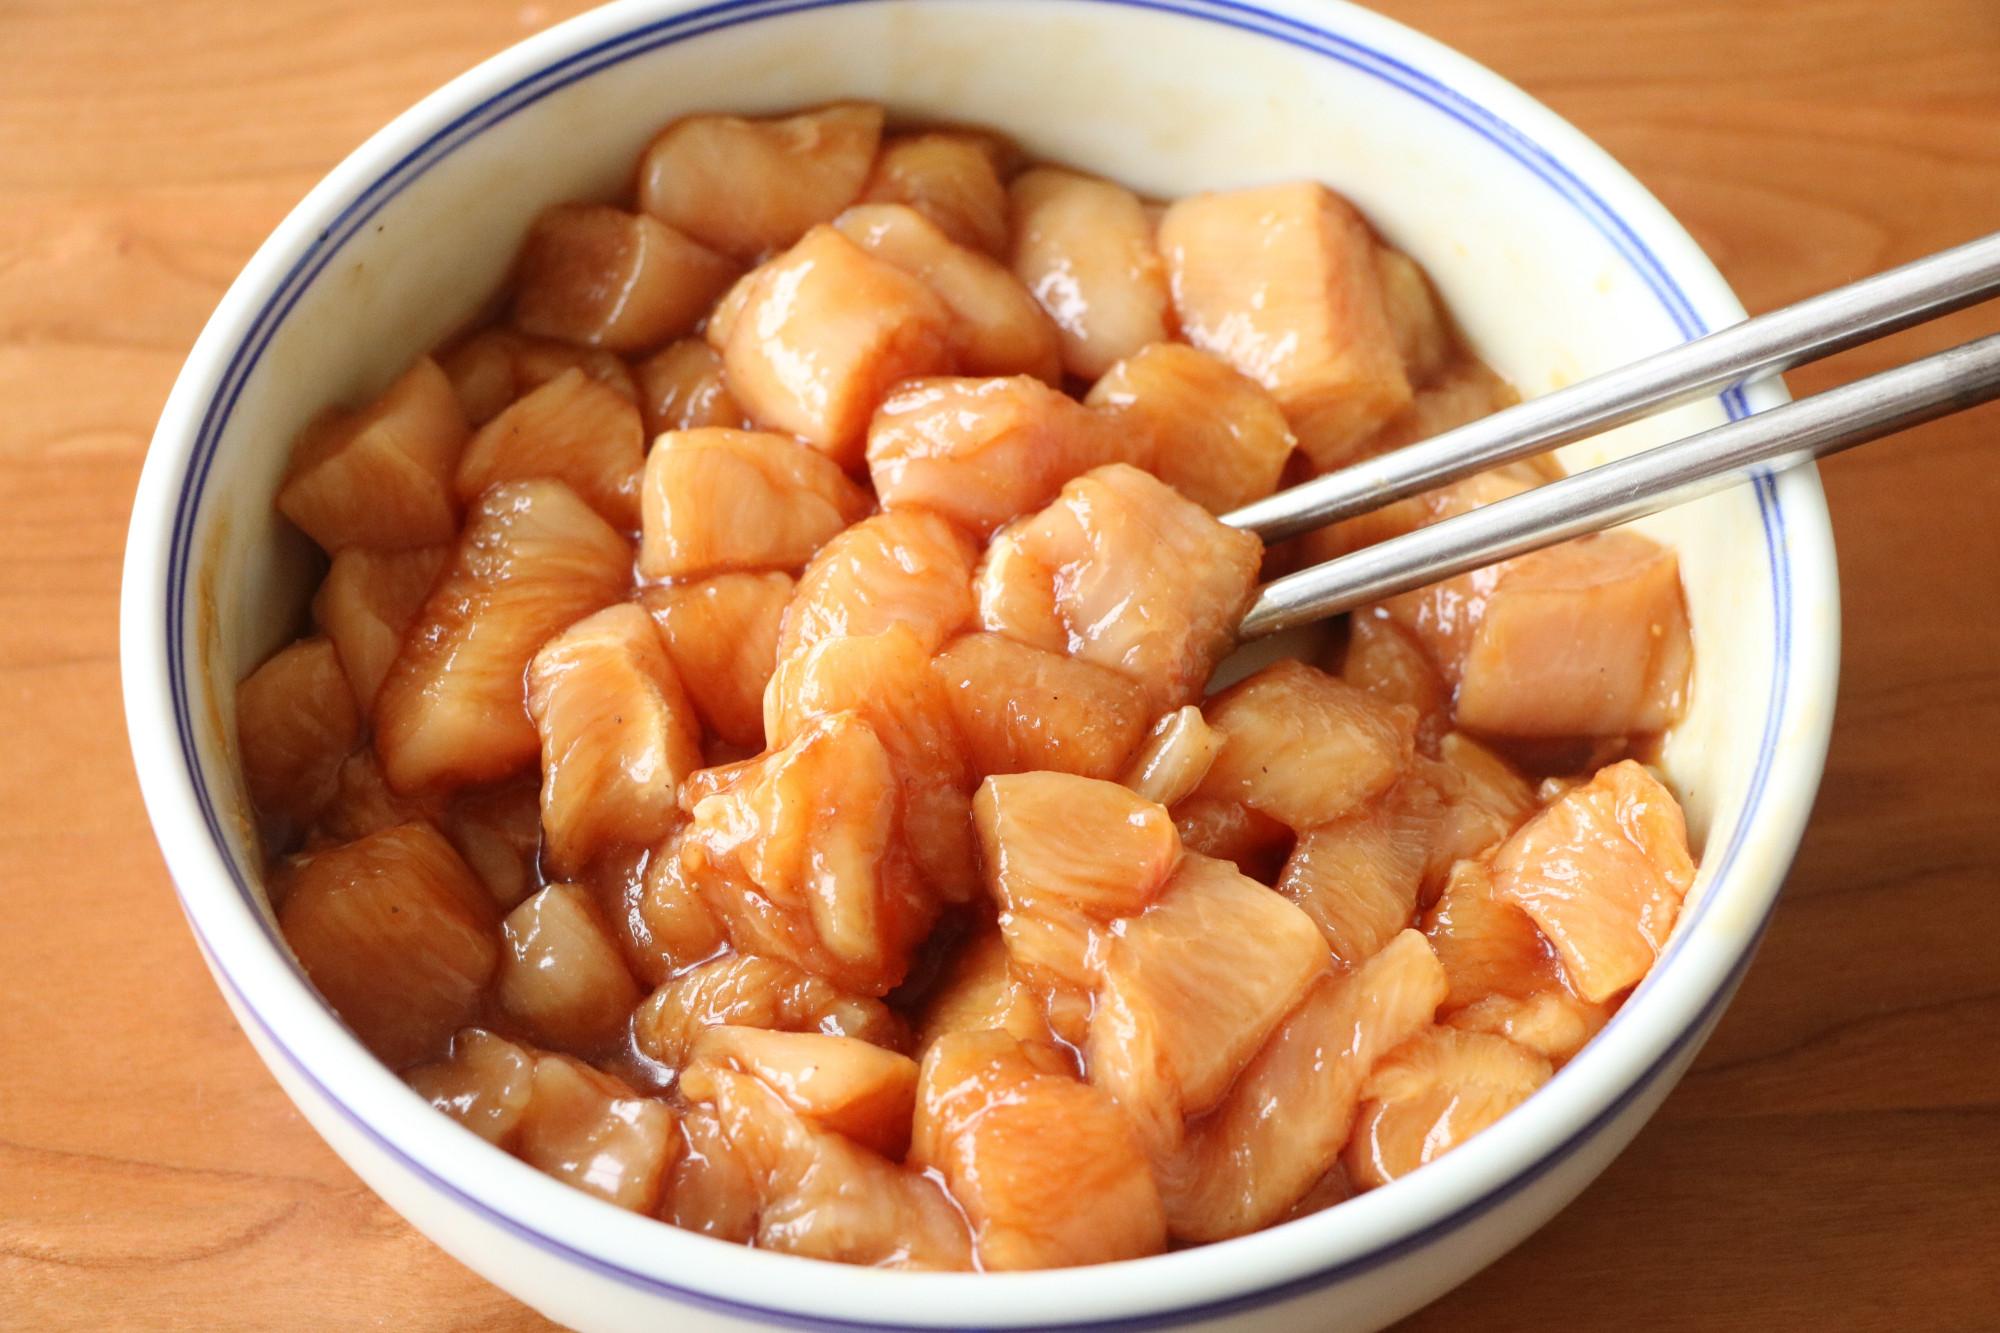 鸡胸肉还可以这样吃,既当零食又当菜,咬一口嘎嘣脆,解馋更美味